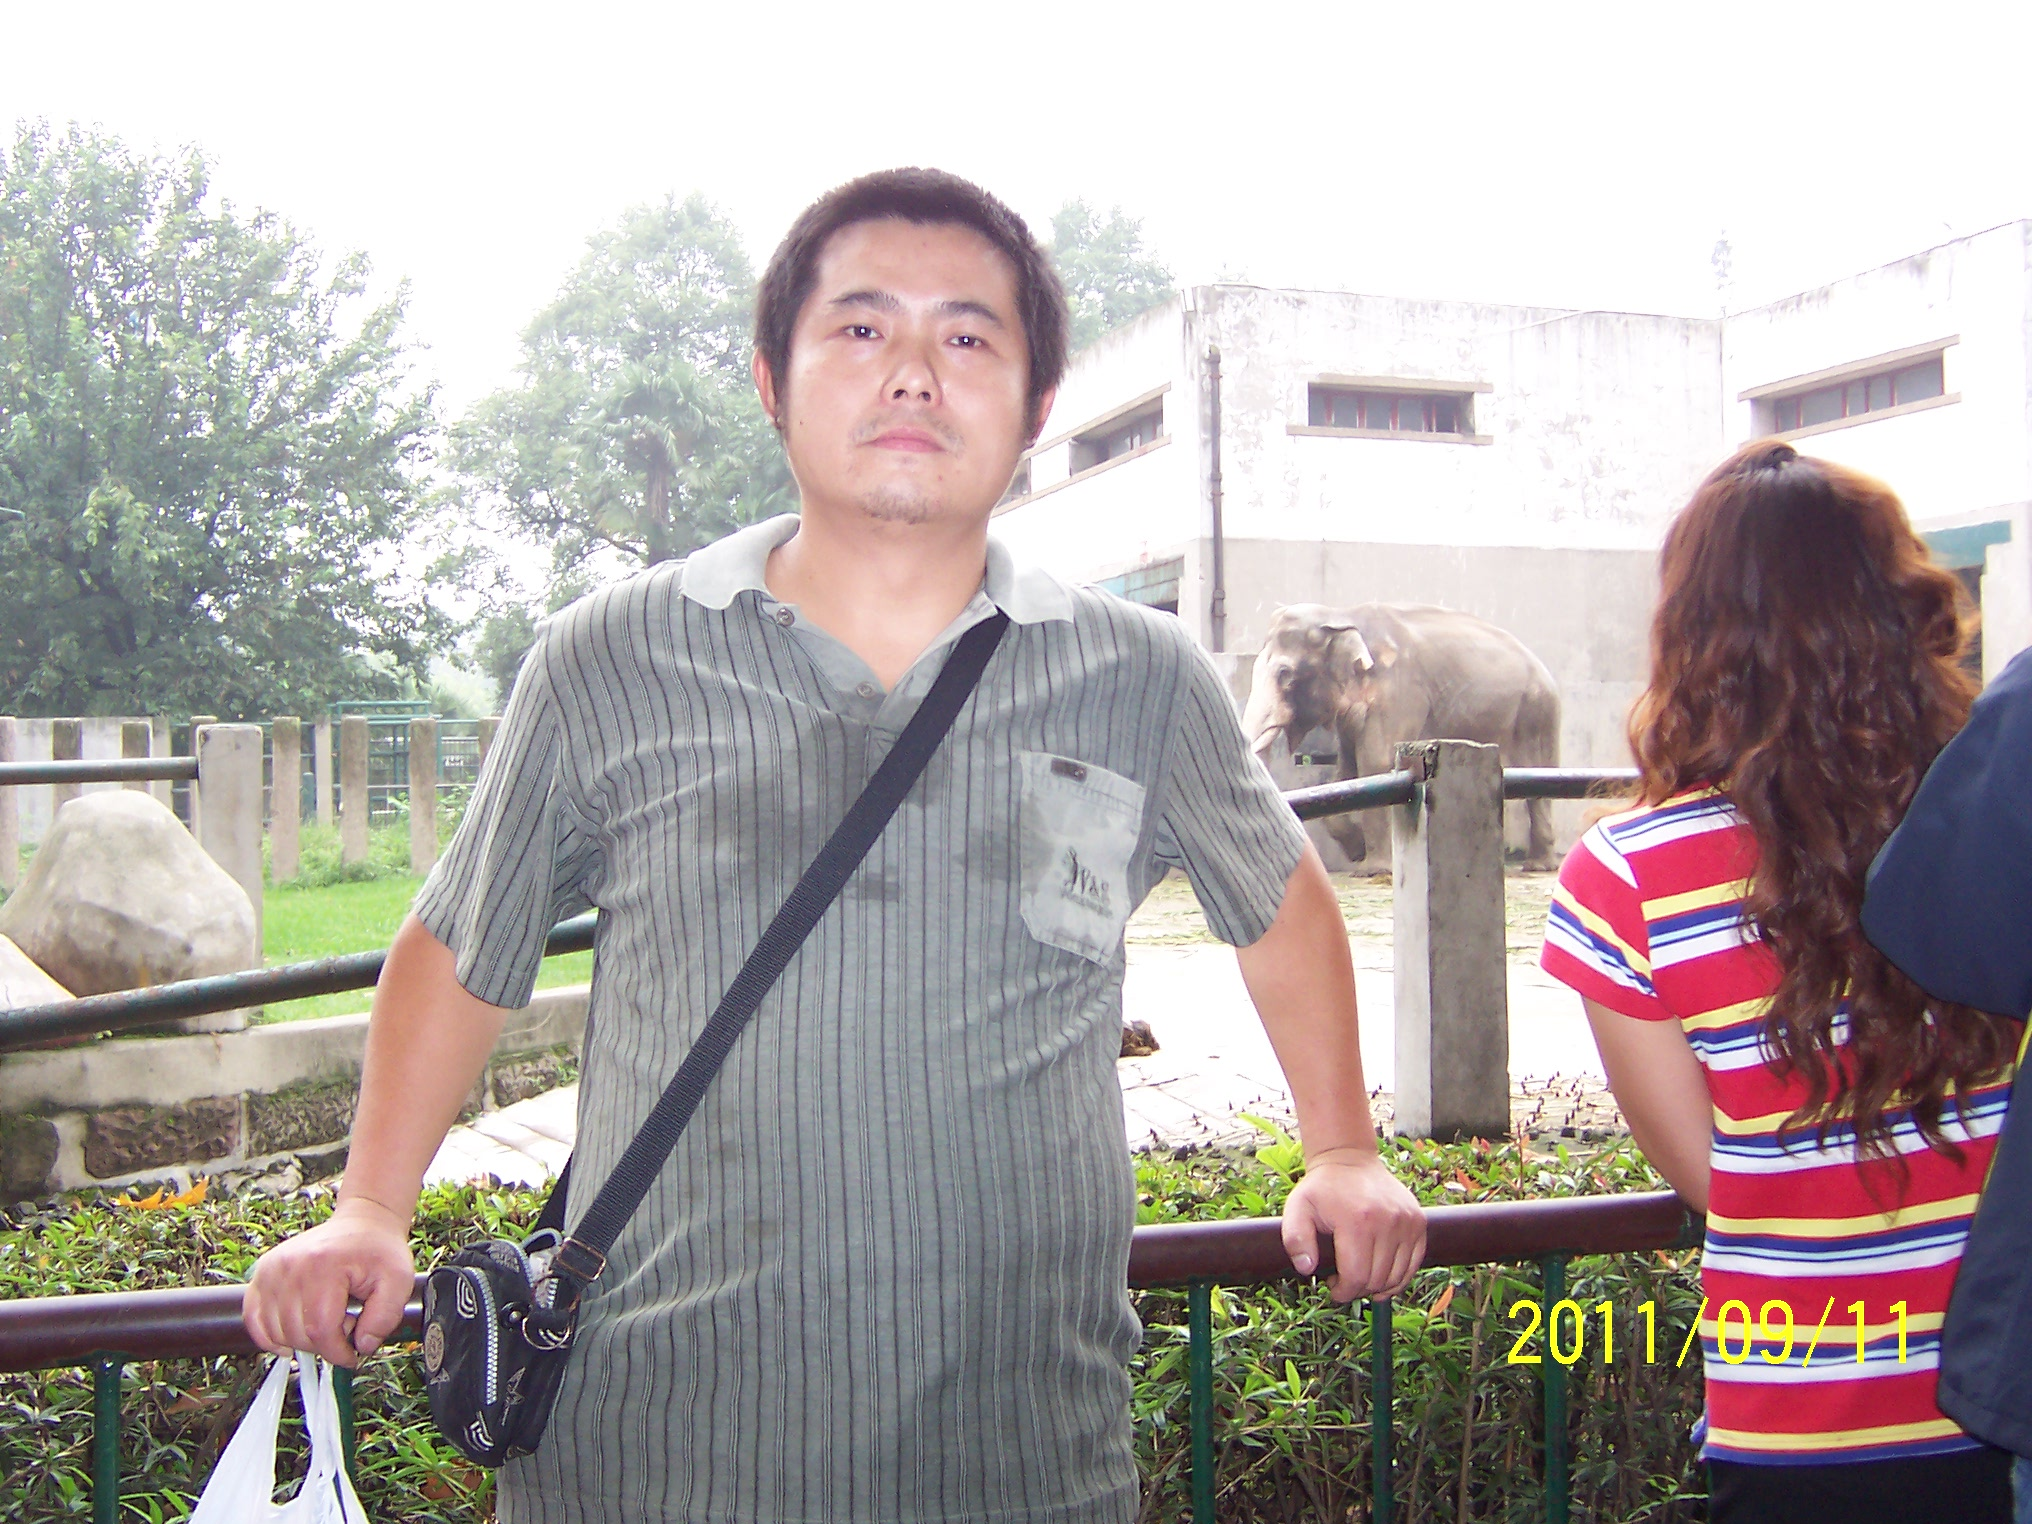 日本中年胖熊男优_gv胖熊_亚洲胖熊_日本胖熊_中年胖熊 - www.chudaowang.com